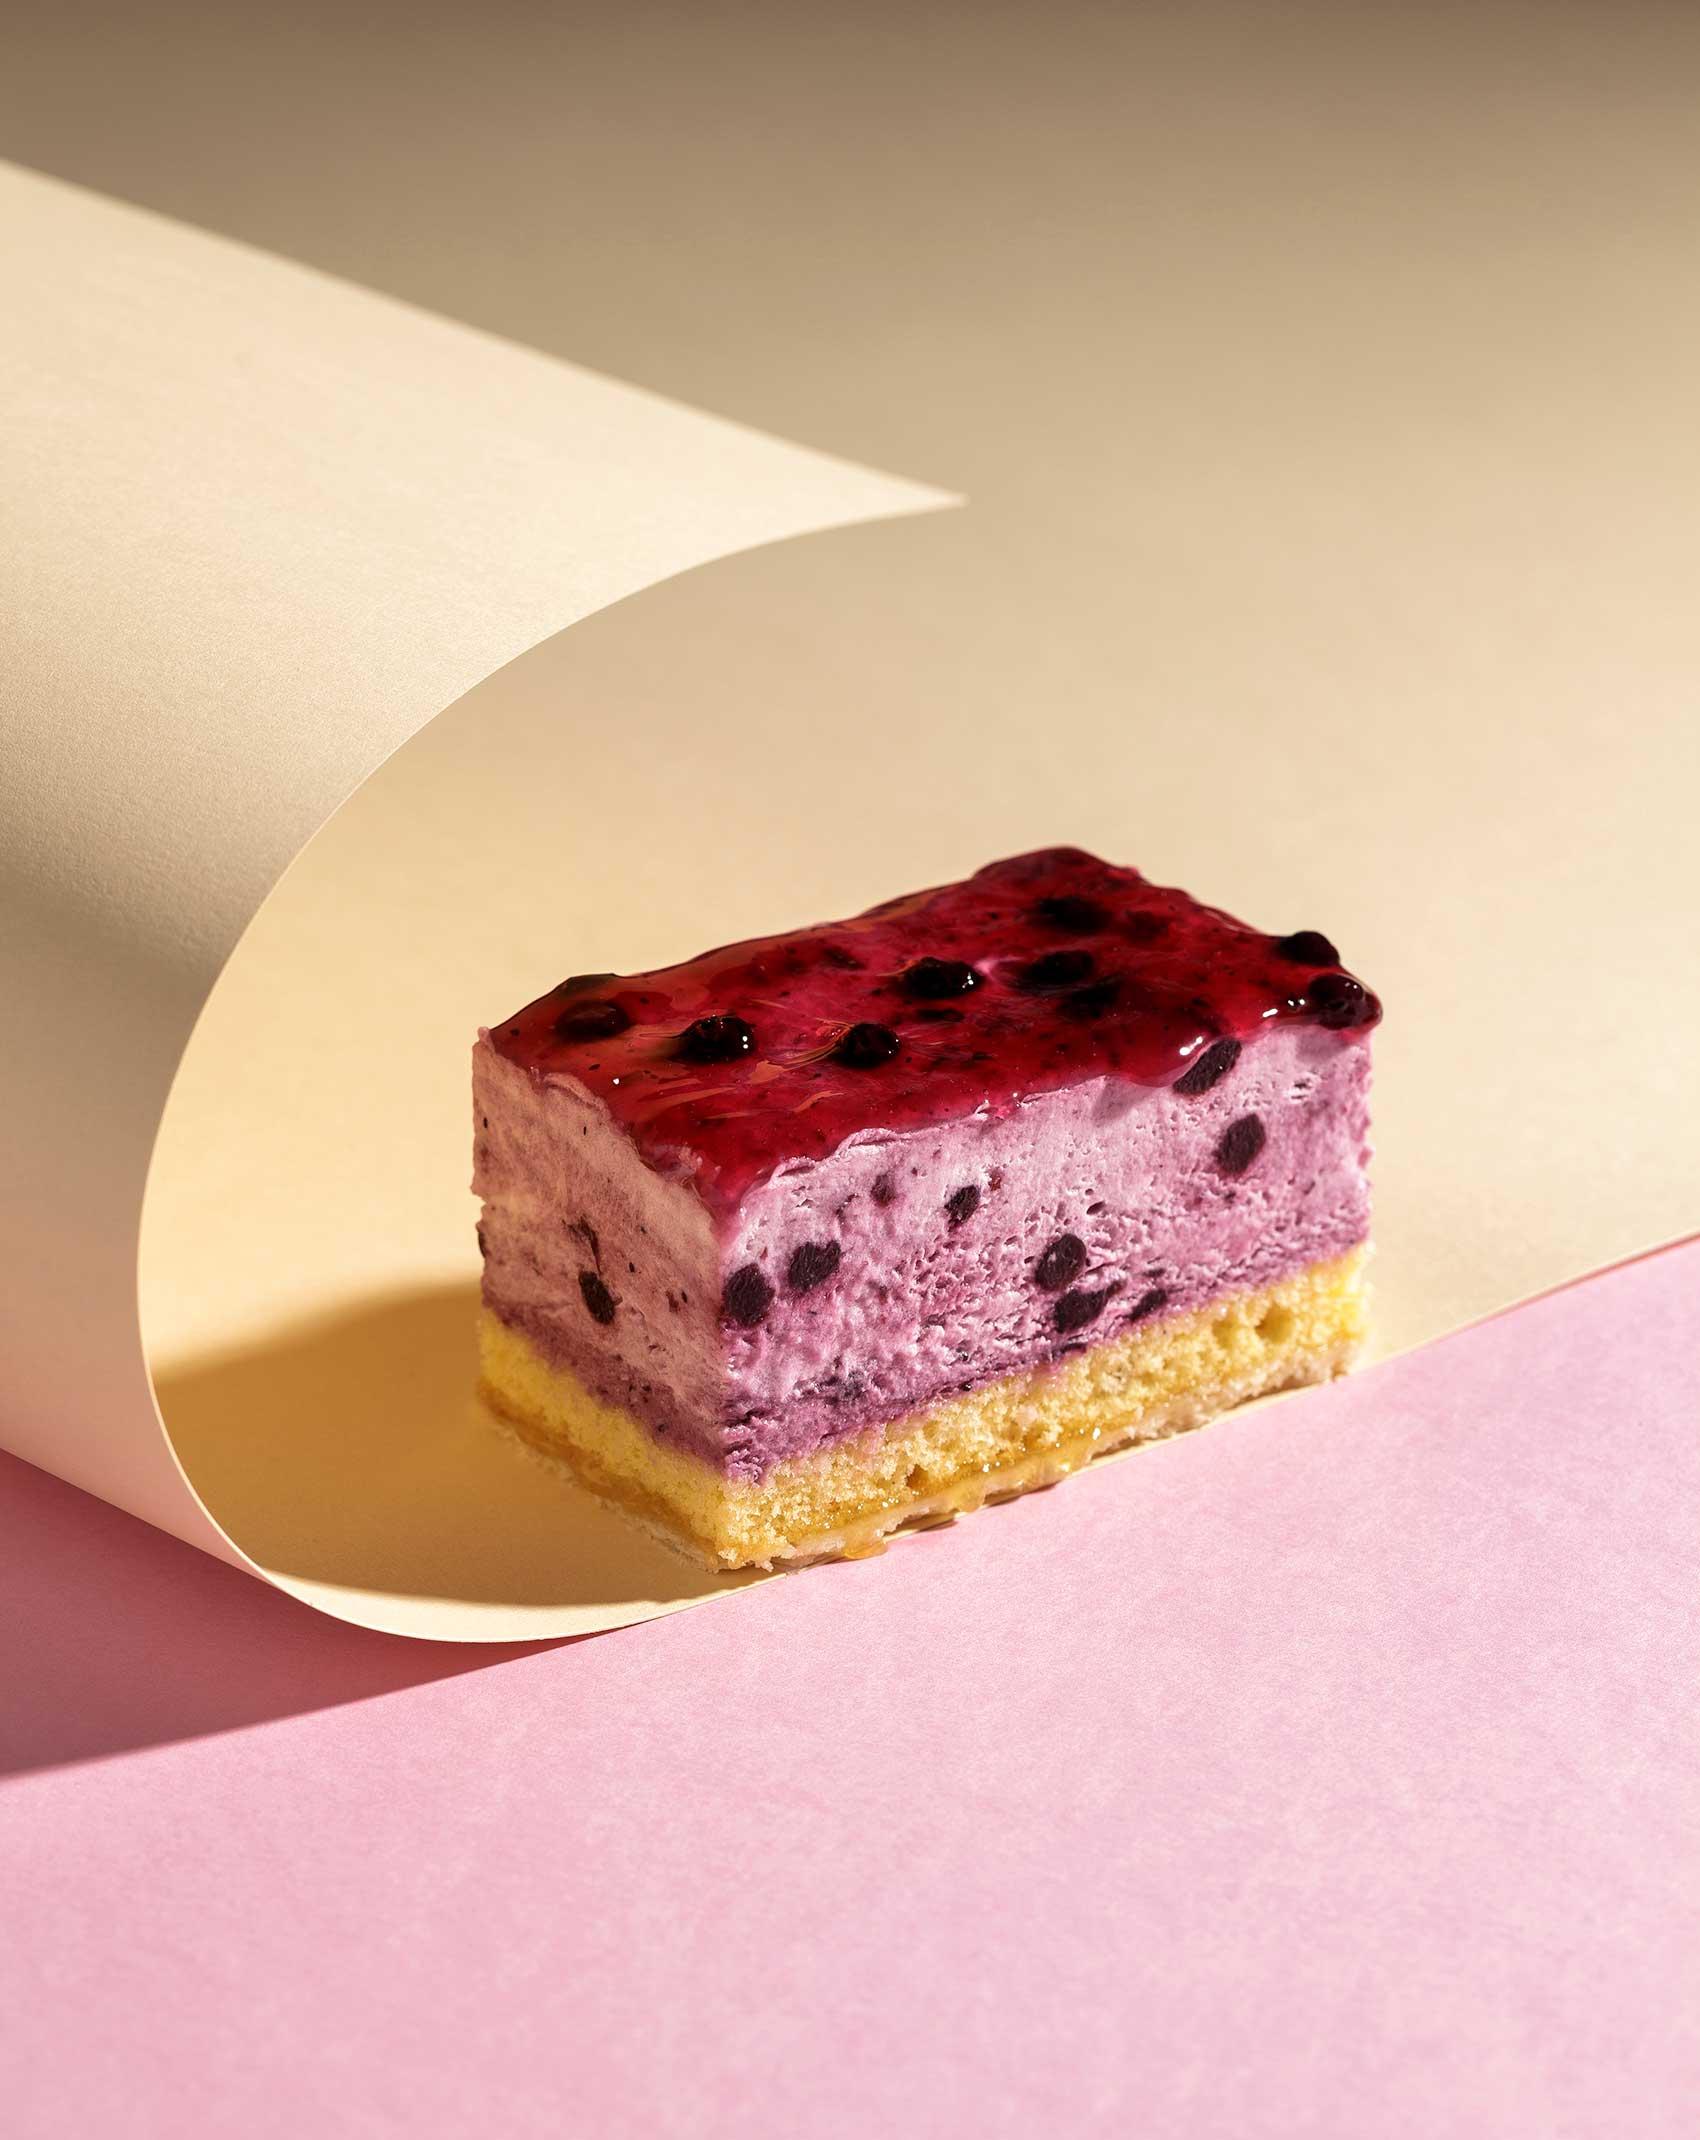 Foodfotos von Torten und Gebäck für den neuen Produktkatalog der Konditorei Brommler GmbH aus Memmingen